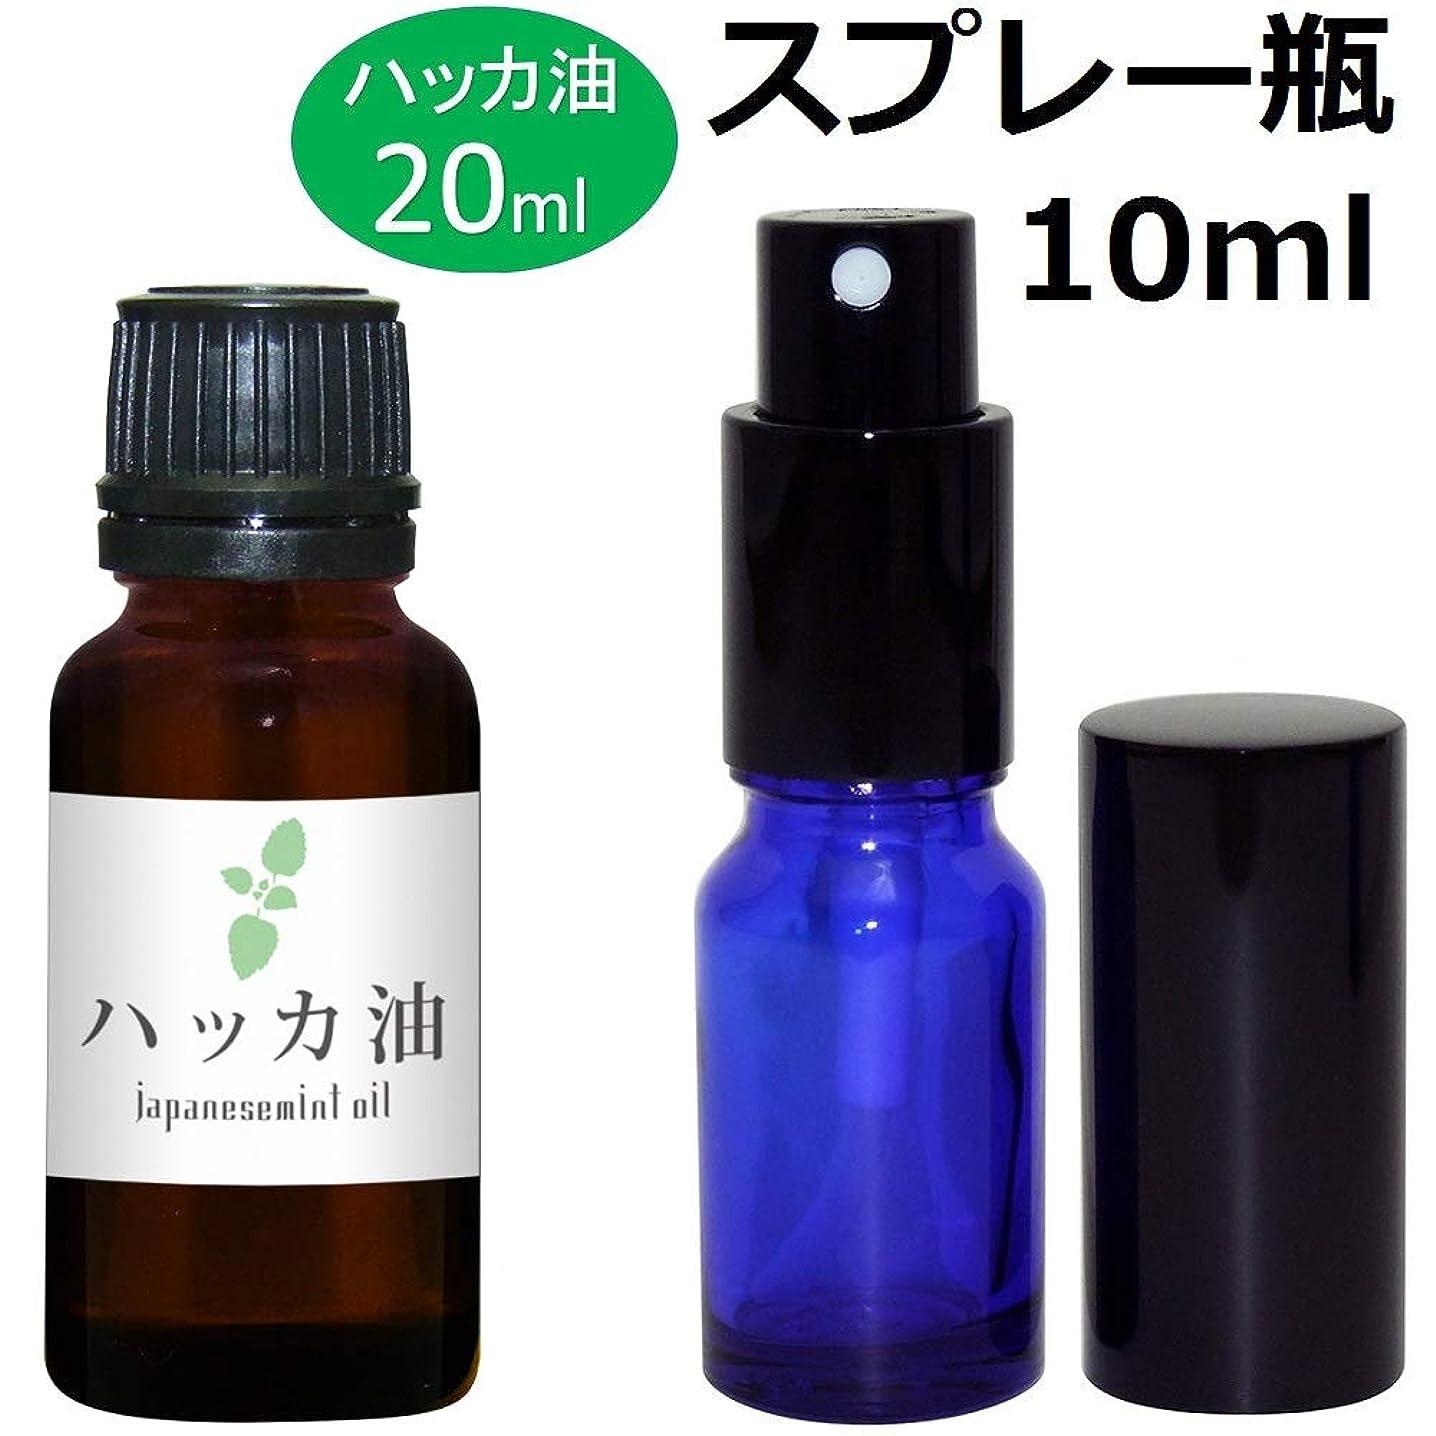 毛布ブレーキ損失ガレージ?ゼロ ハッカ油 20ml(GZAK12)+ガラス瓶 スプレーボトル10ml/和種薄荷/ジャパニーズミント GSE533